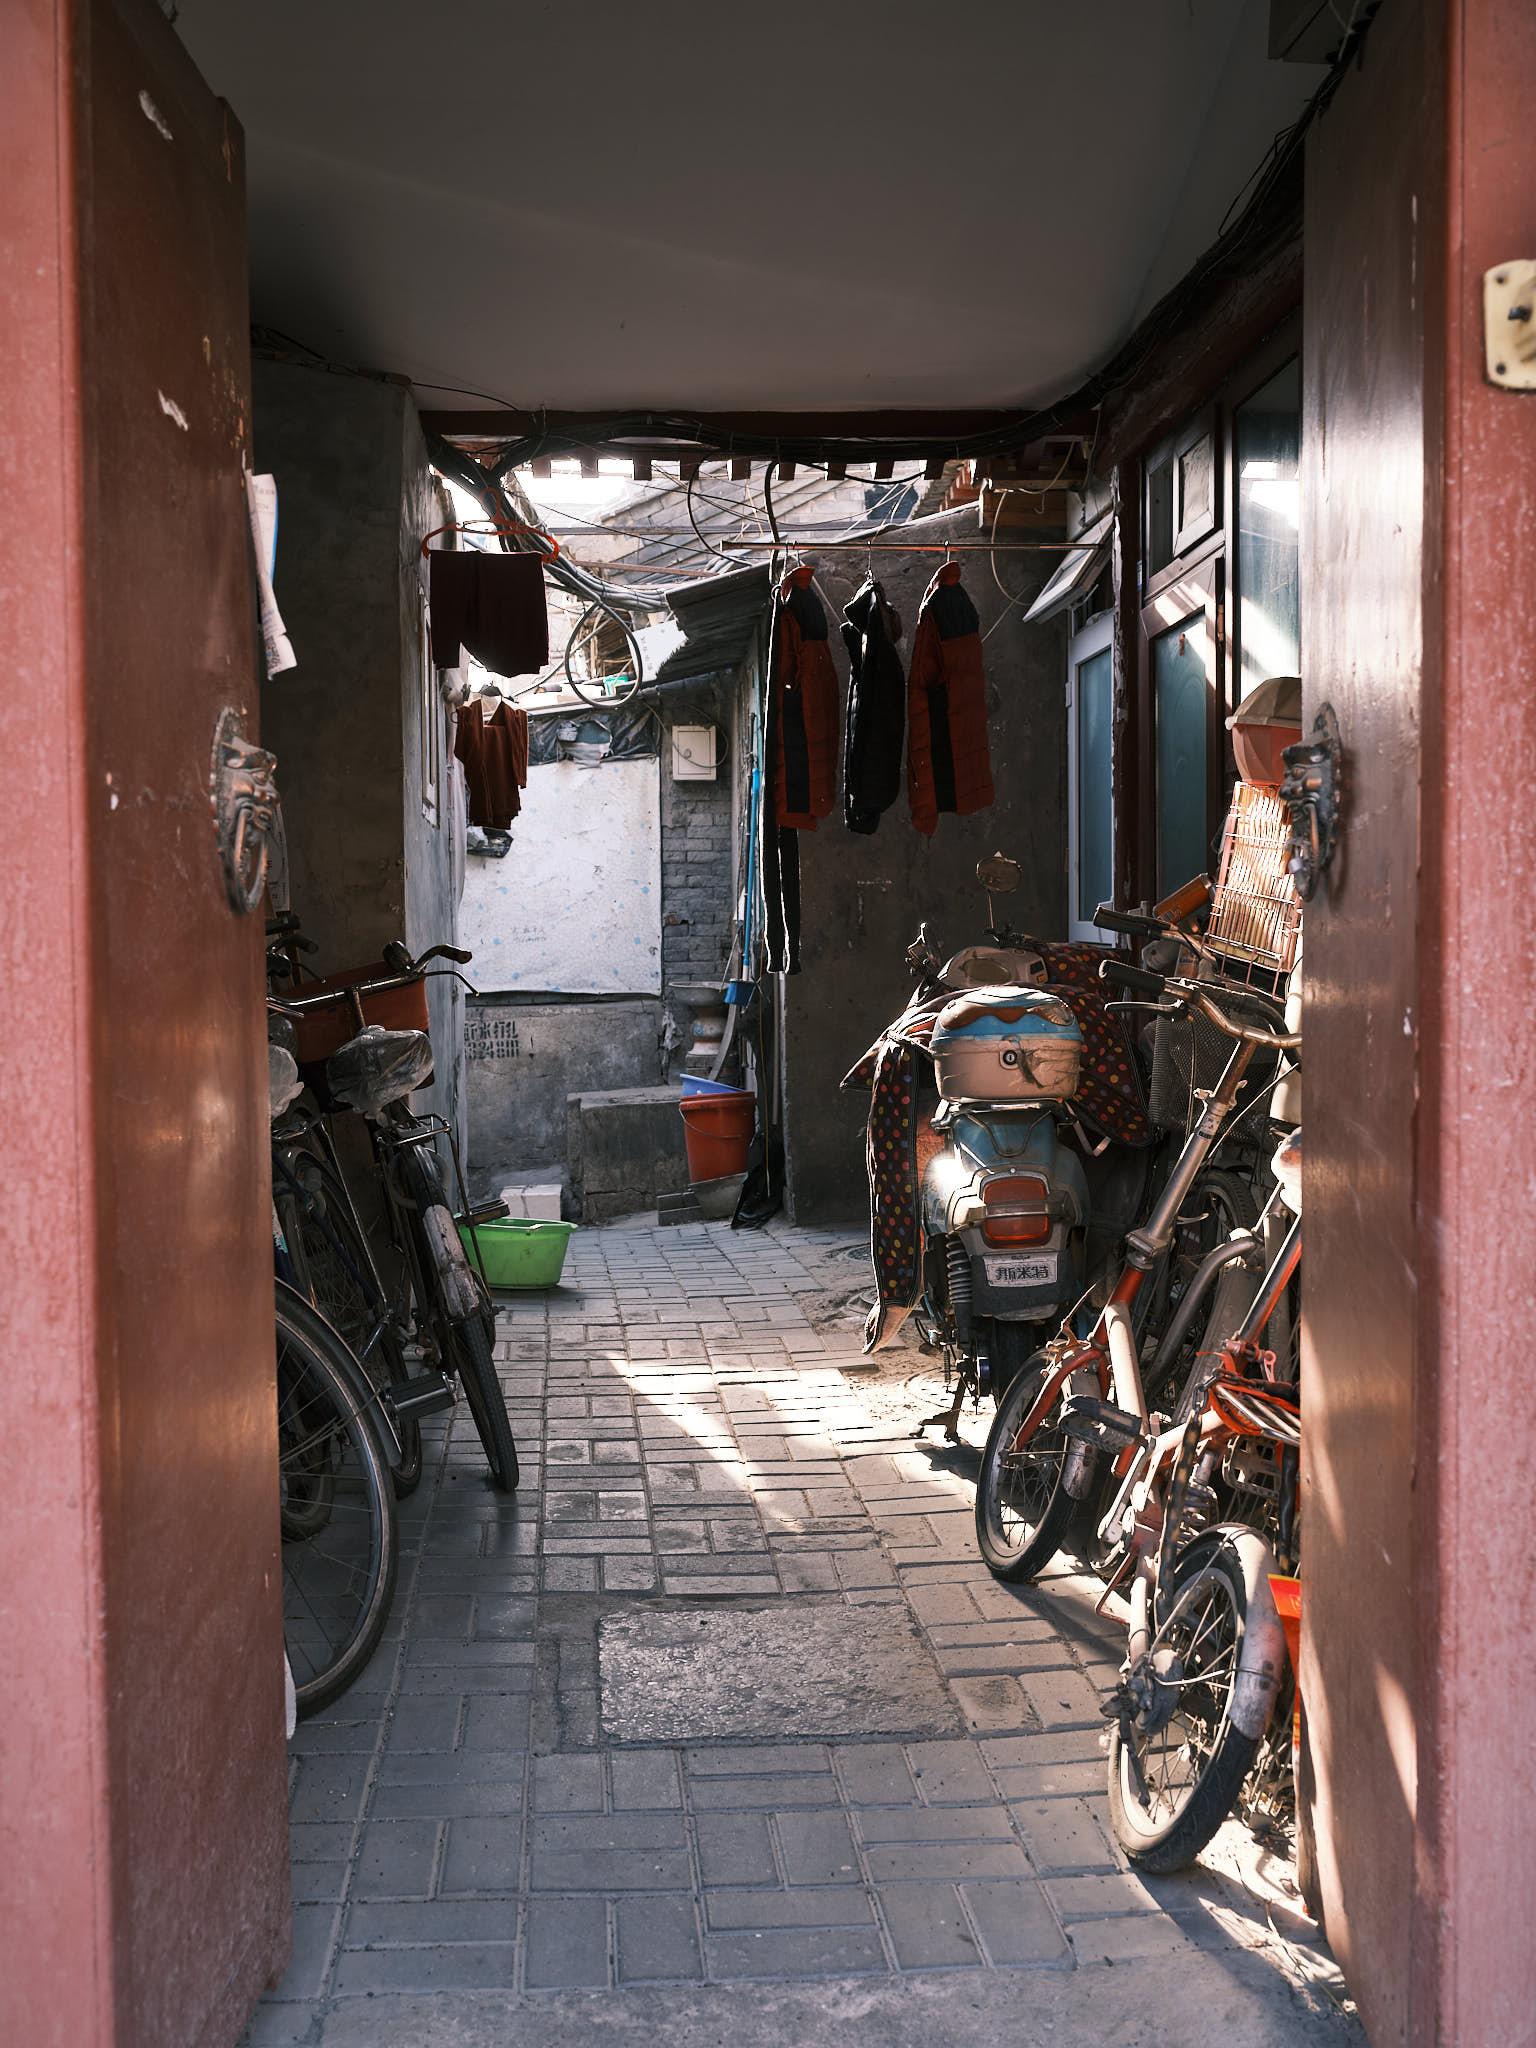 Entrance to hutong in Qianmen Beijing